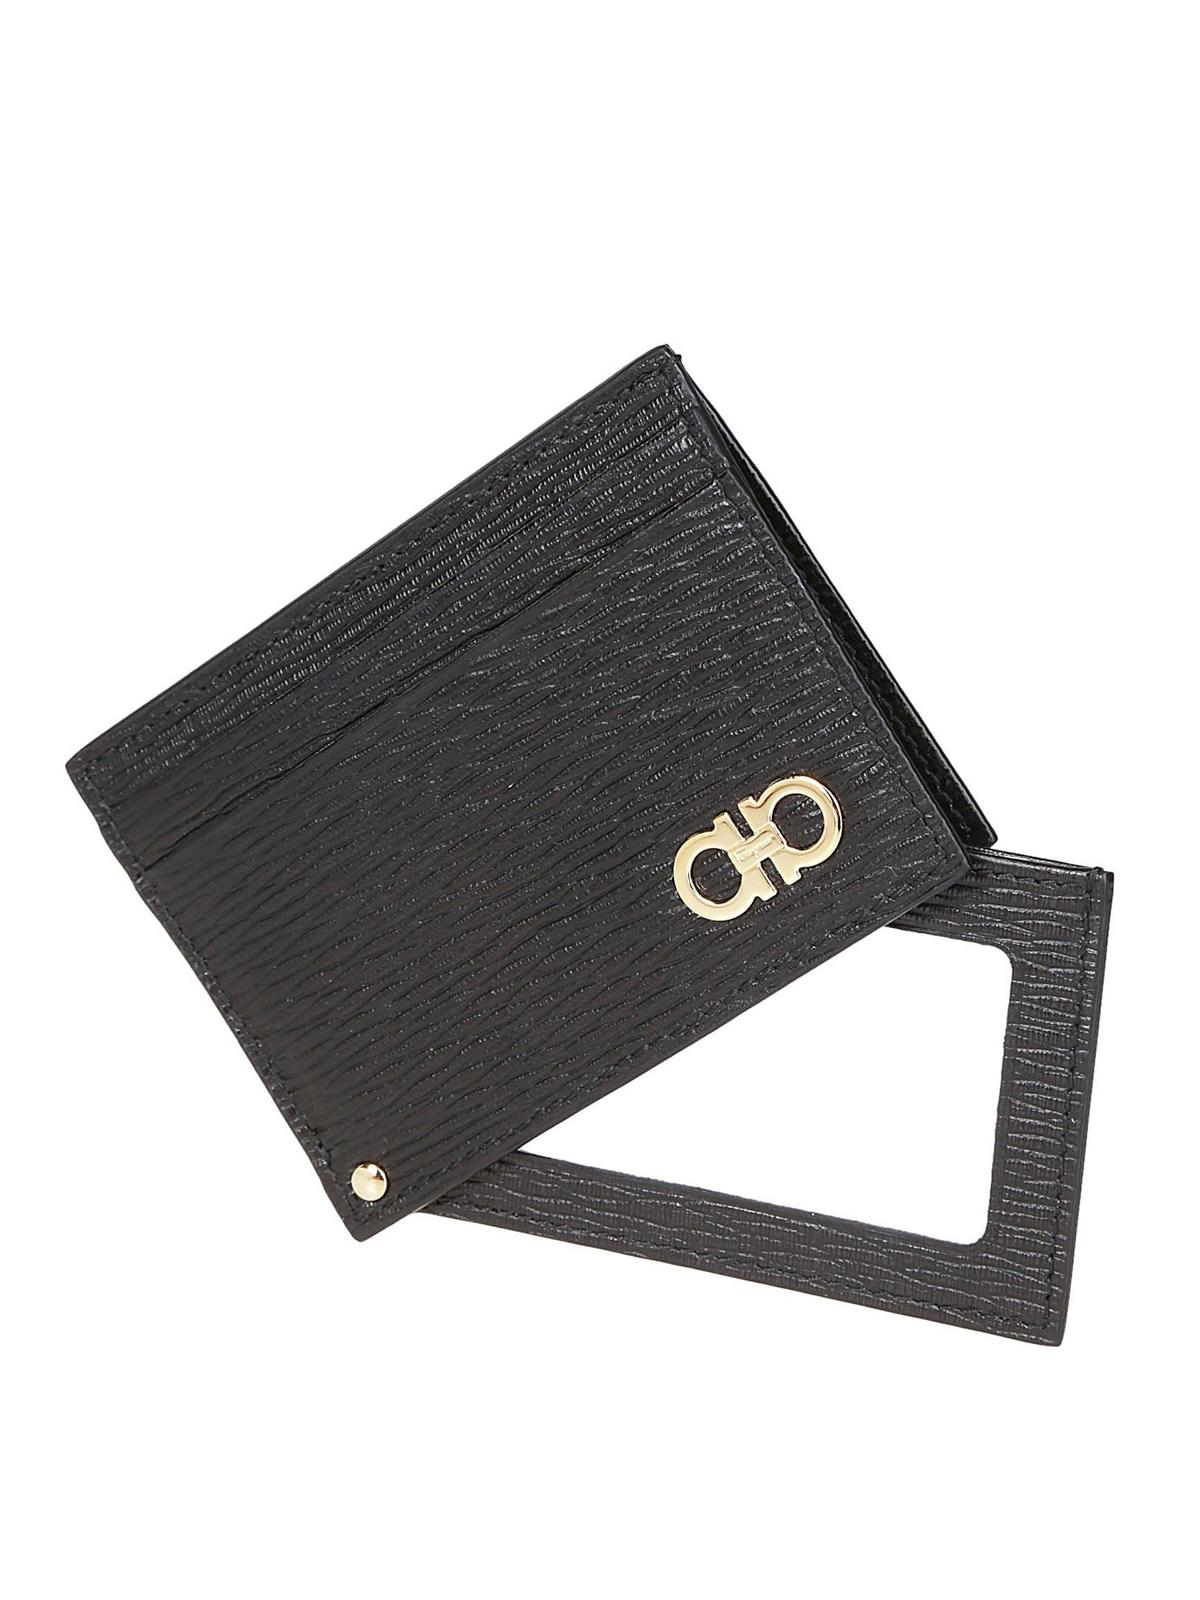 39f027d4ec iKRIX SALVATORE FERRAGAMO: portafogli - Porta carte e documenti in pelle